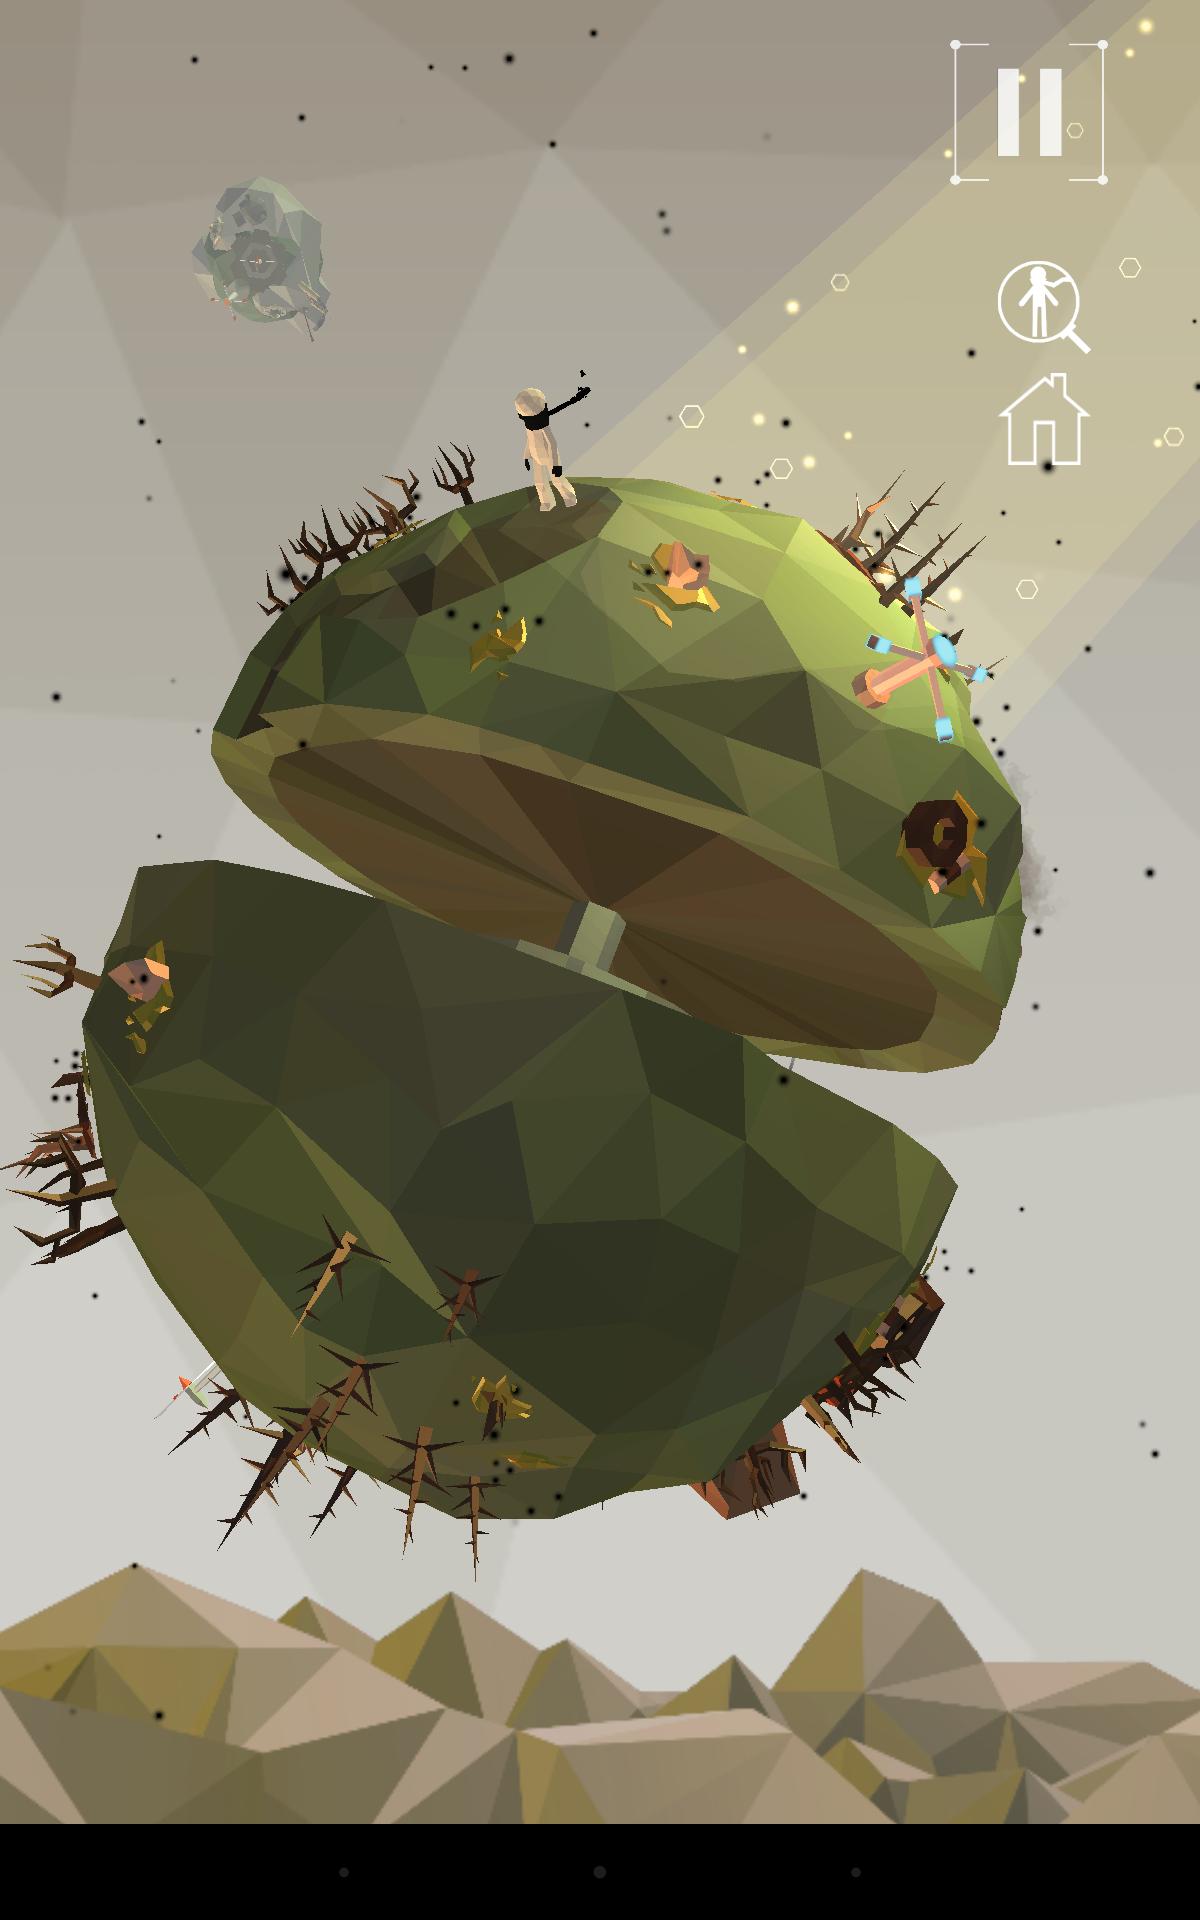 Screenshot: Mit einem Mechanismus wird ein kleiner Planet geteilt und gedreht.